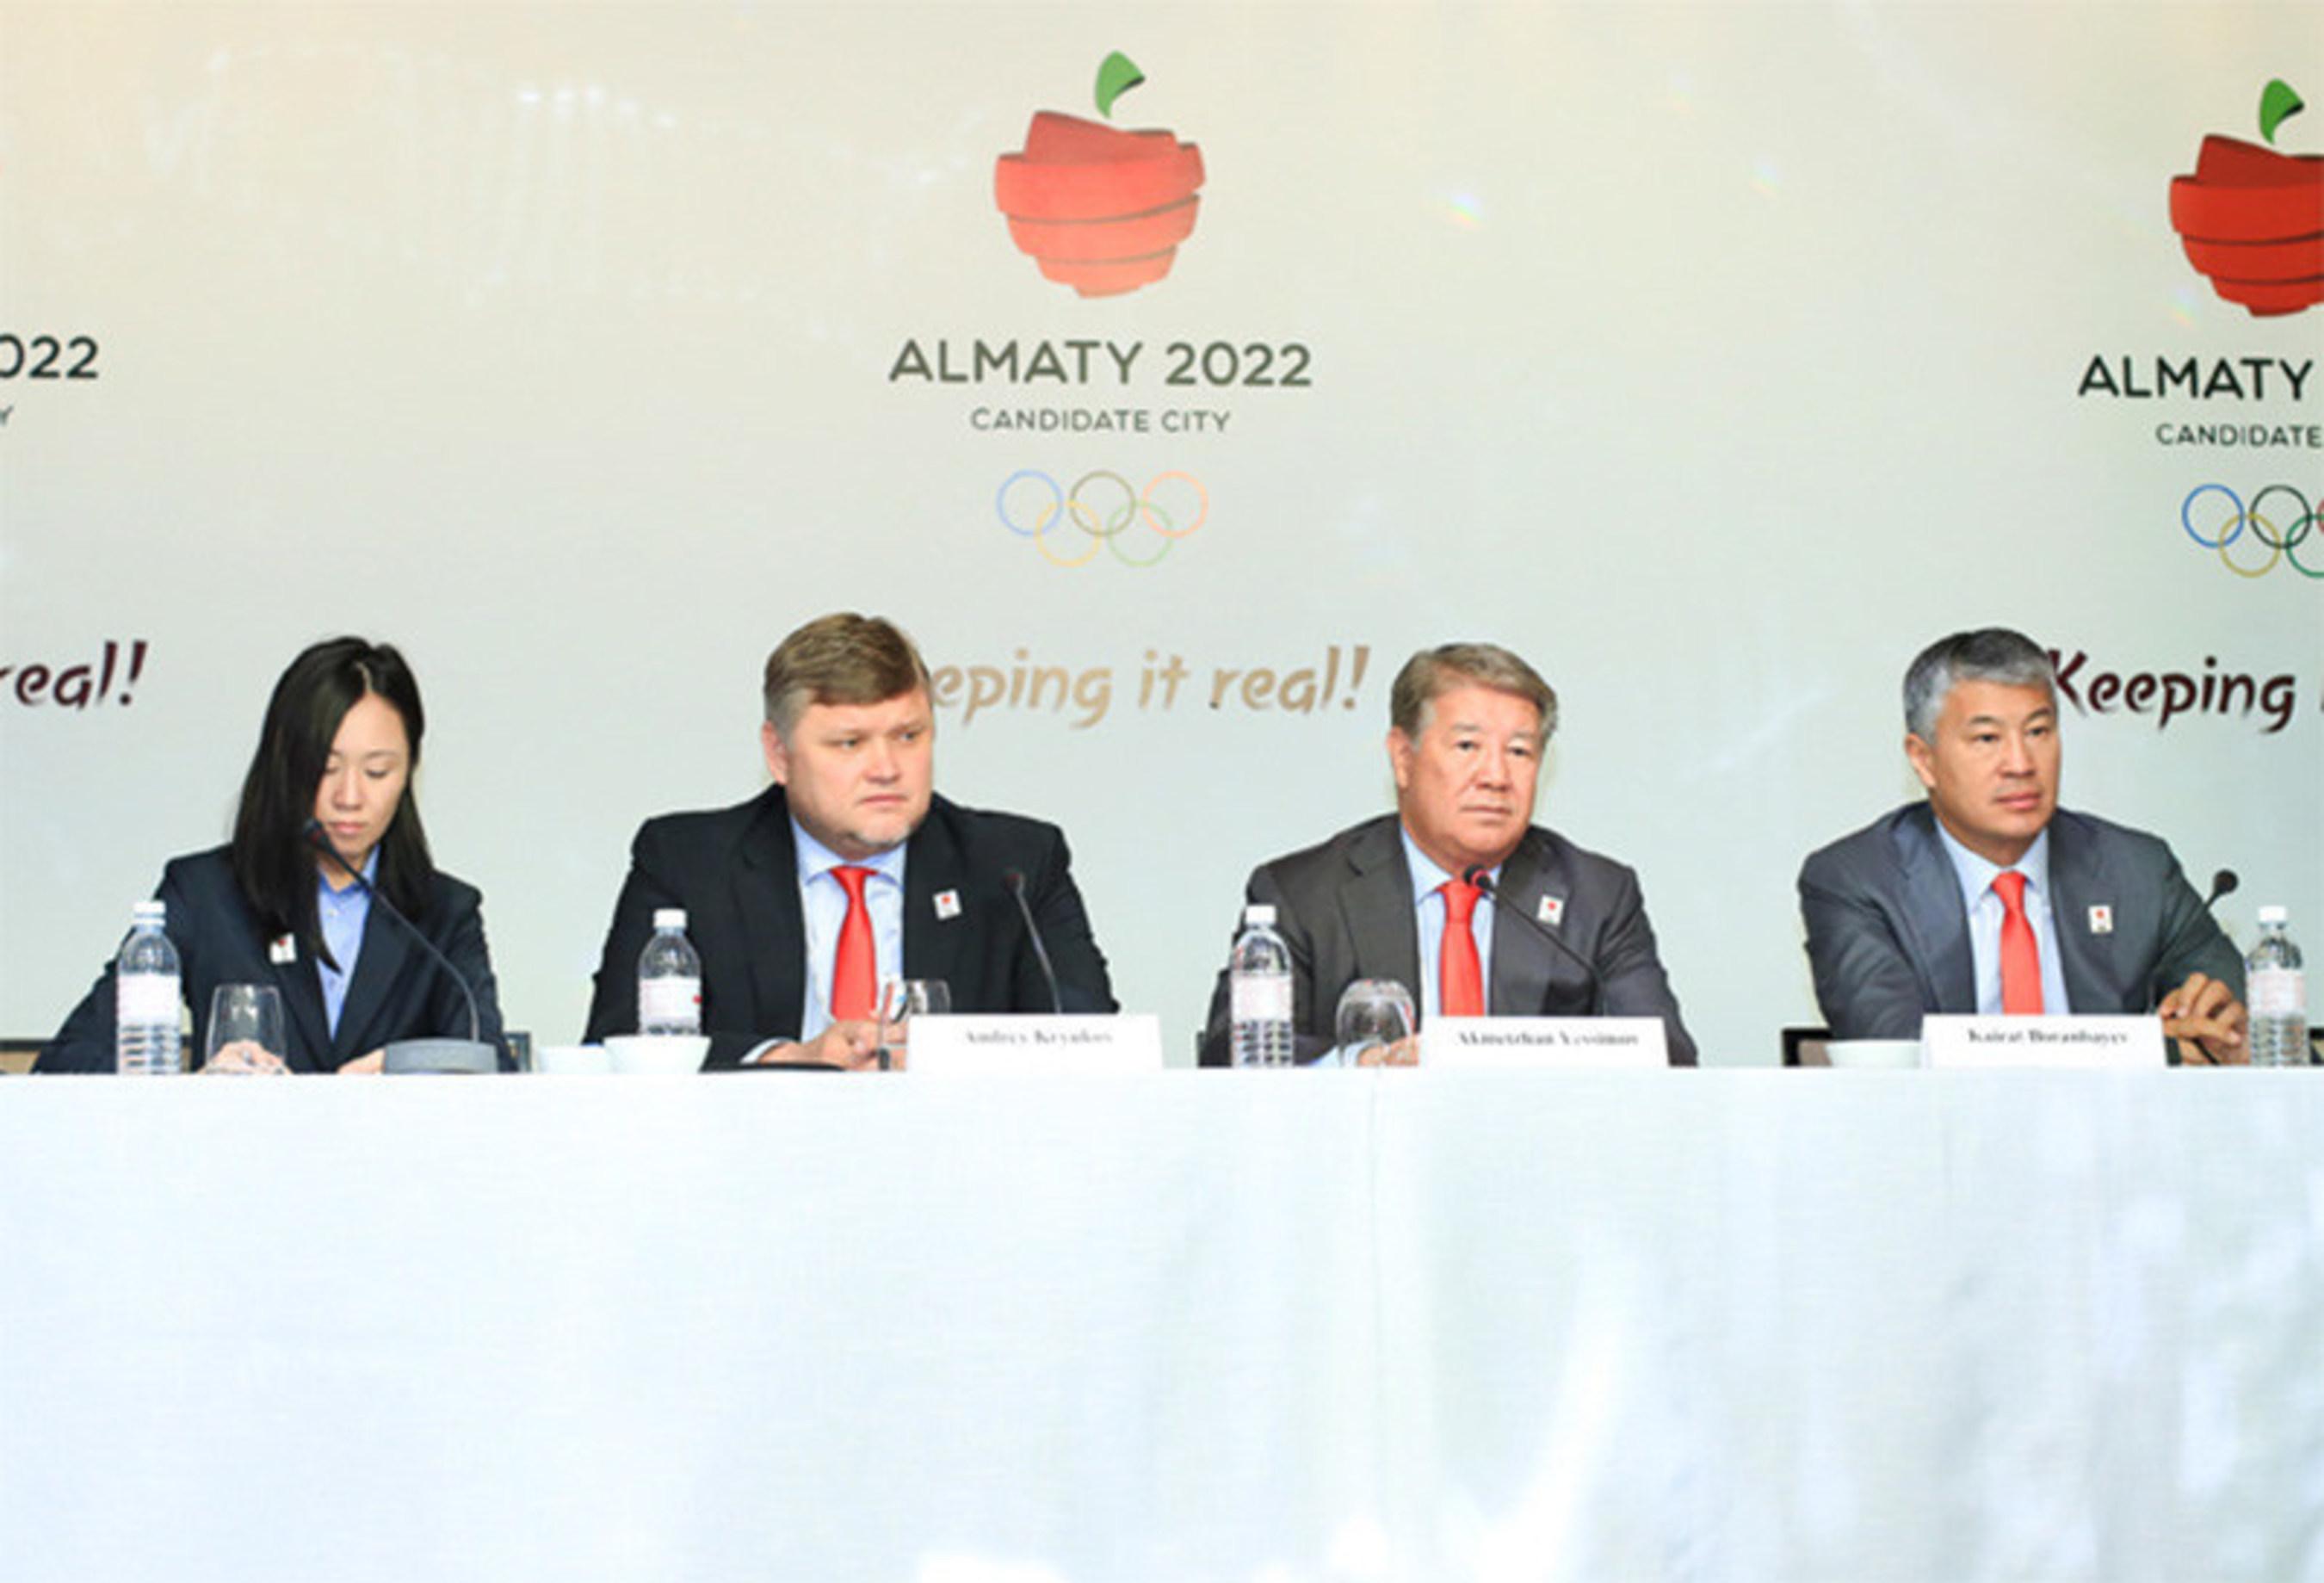 Alcalde de Almaty: La postulación de la ciudad para los Juegos Olímpicos de Invierno 2022 es una